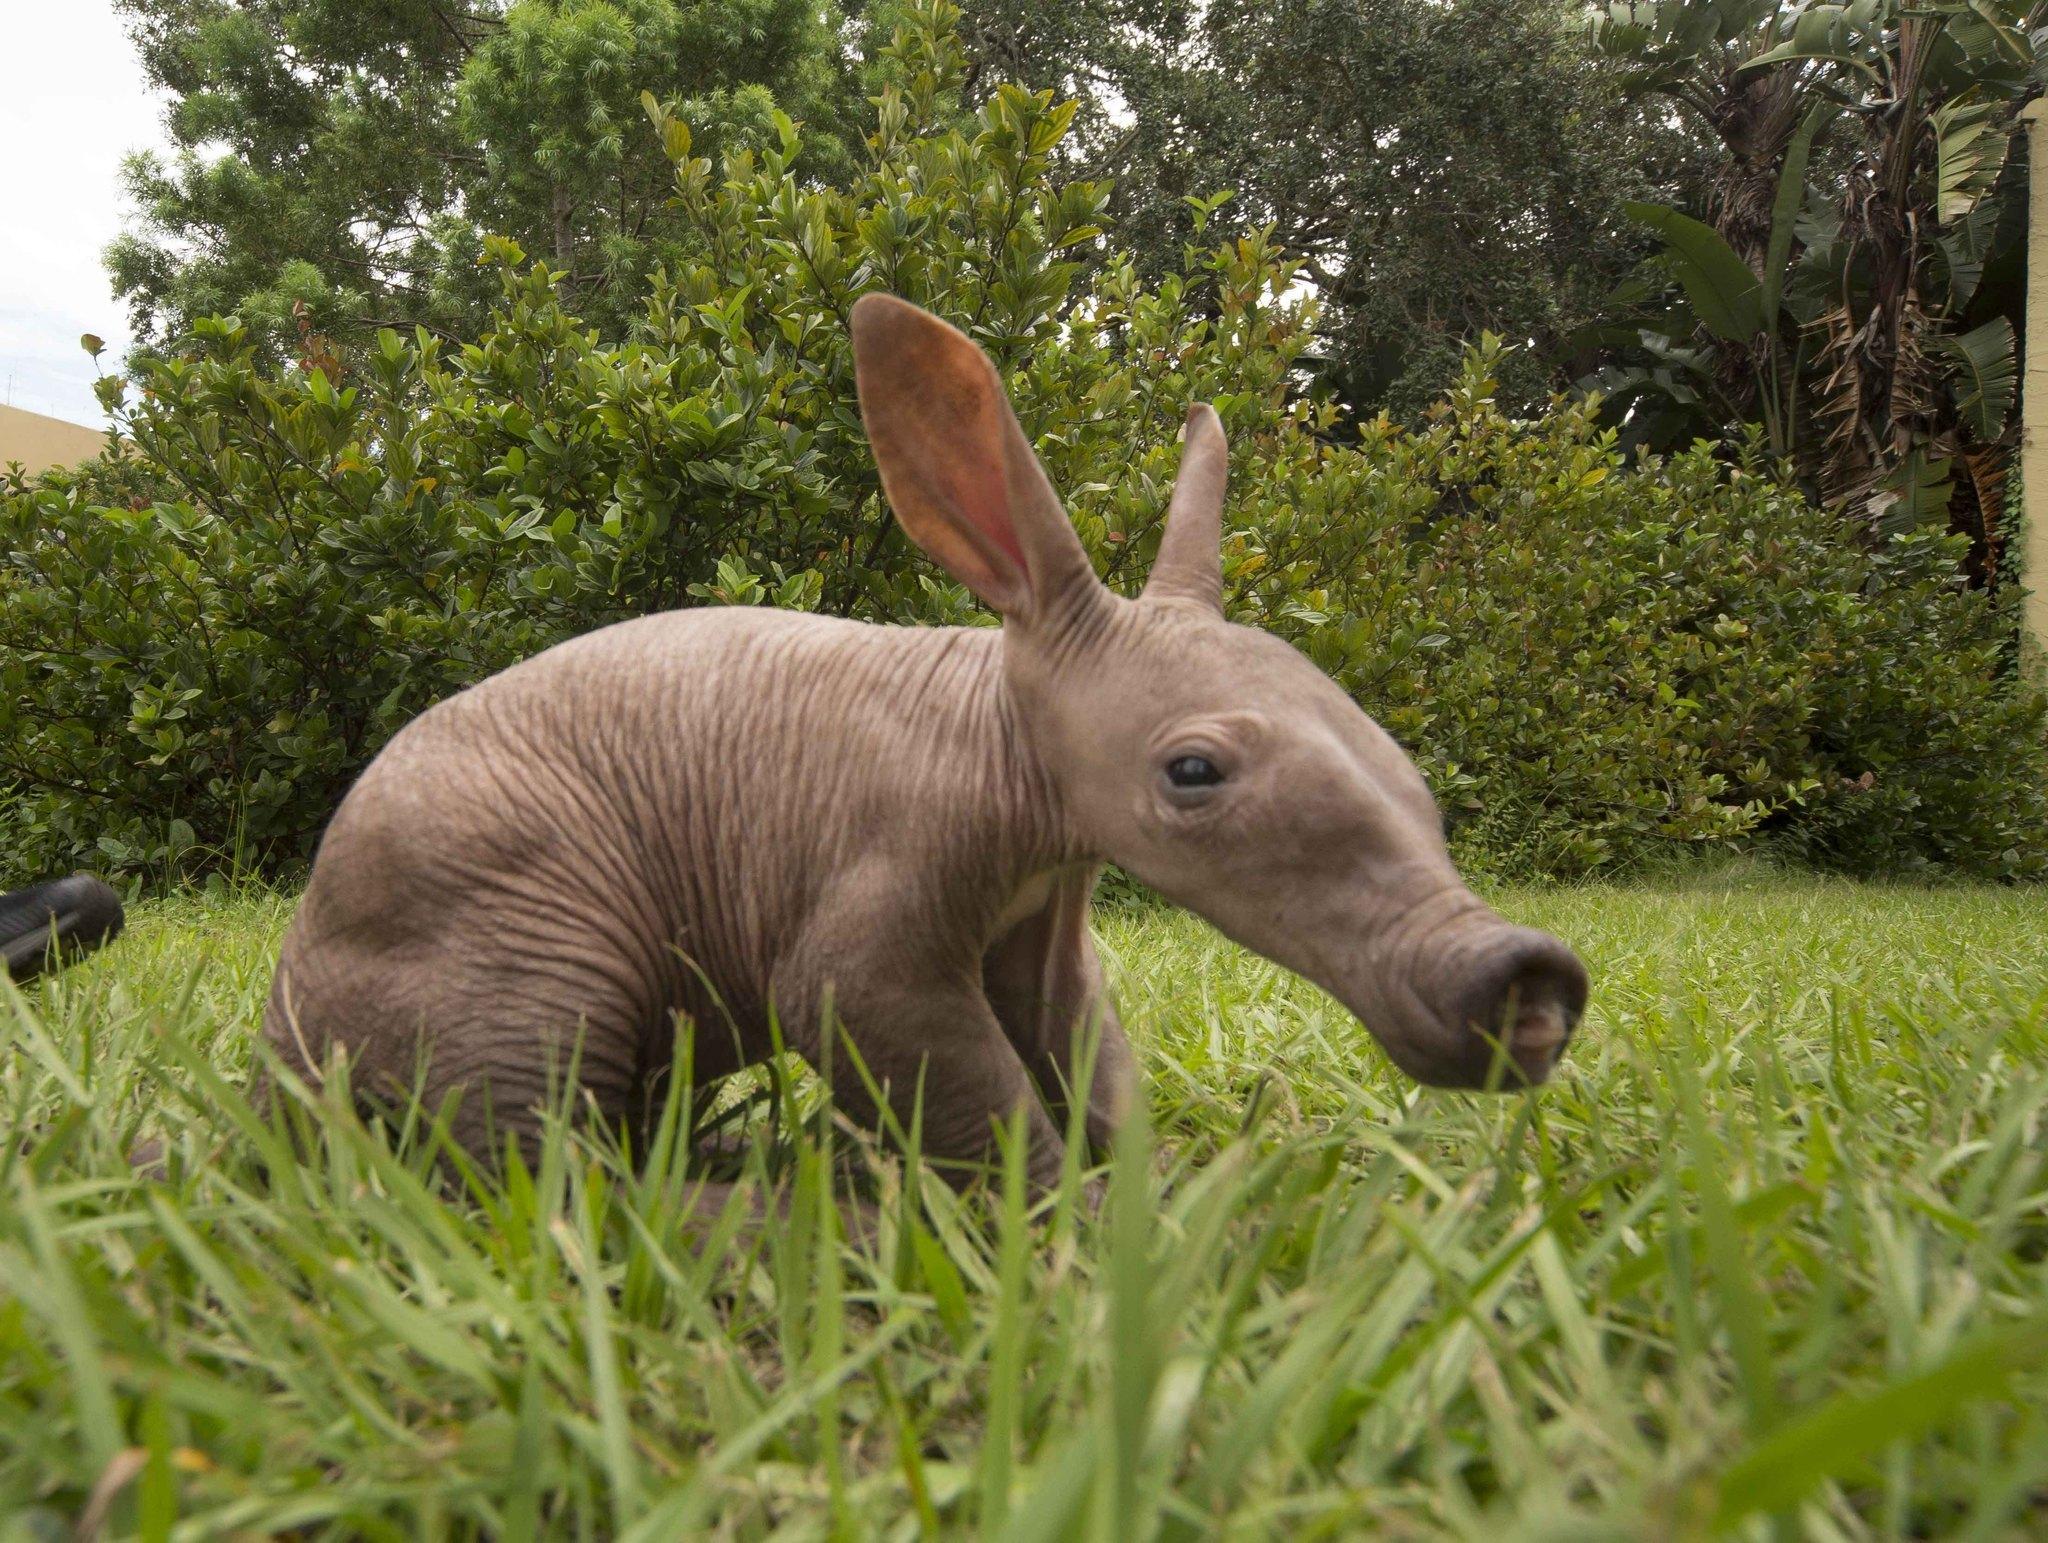 Baby aardvark born at Busch Gardens in Tampa - Orlando Sentinel